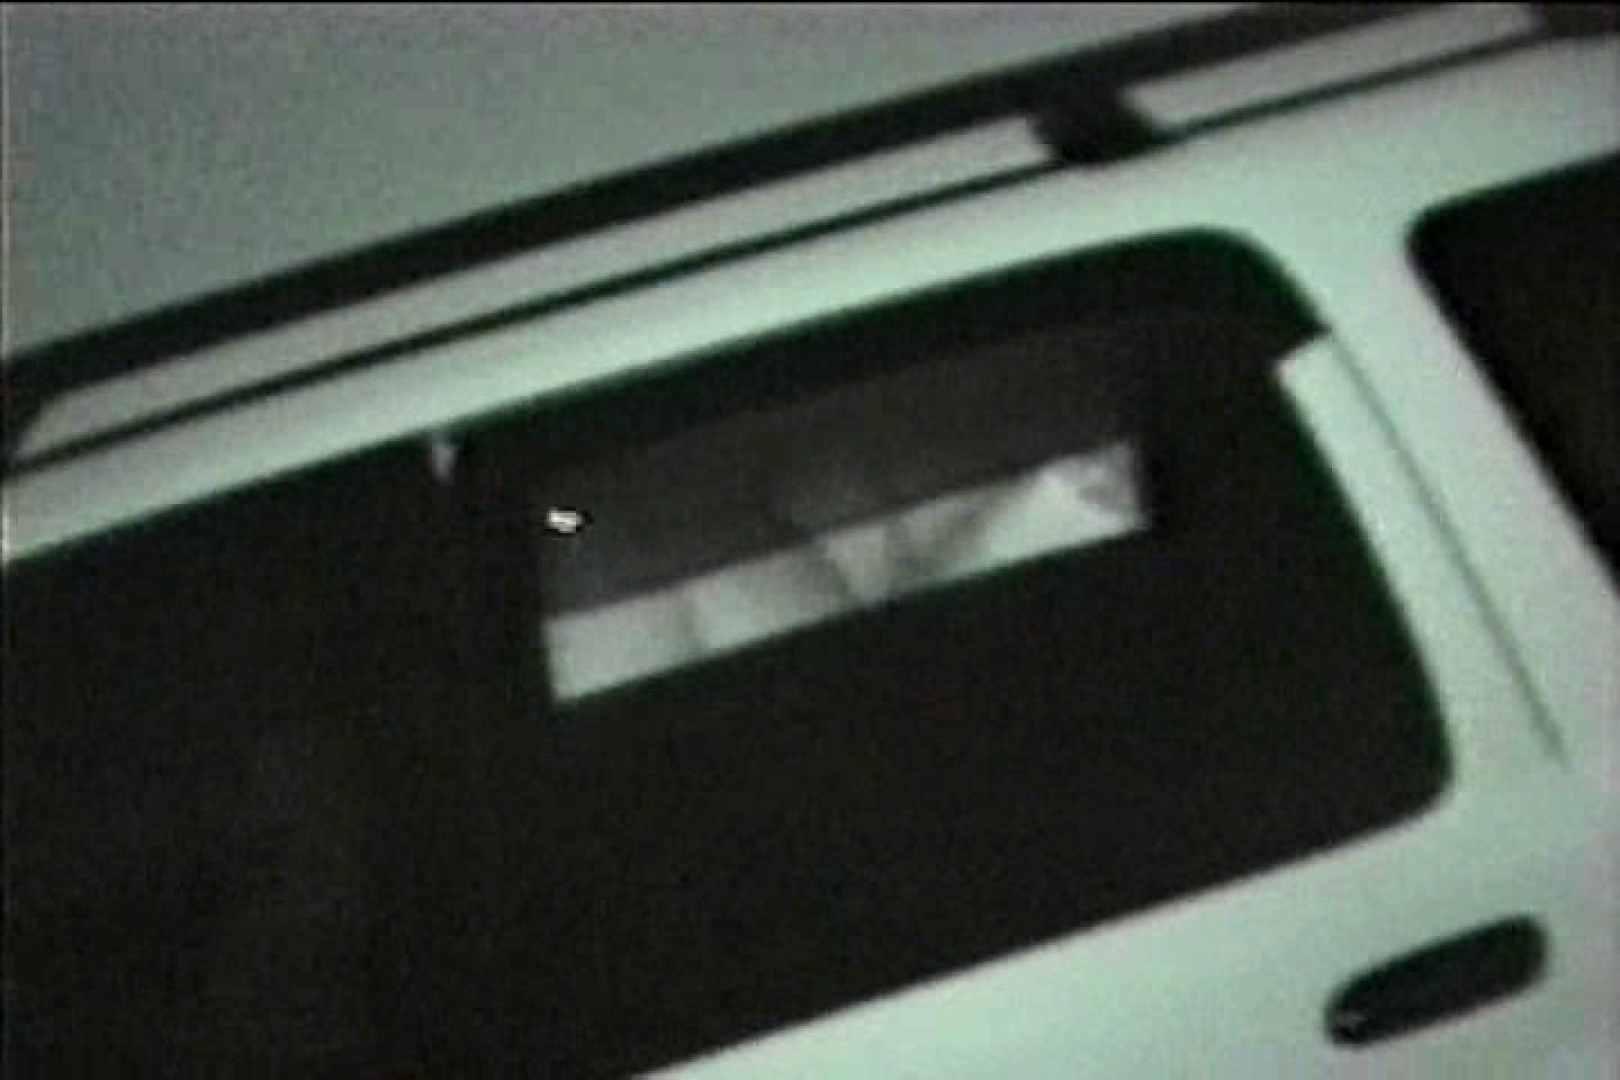 車の中はラブホテル 無修正版  Vol.7 セックス流出映像 ヌード画像 96連発 59